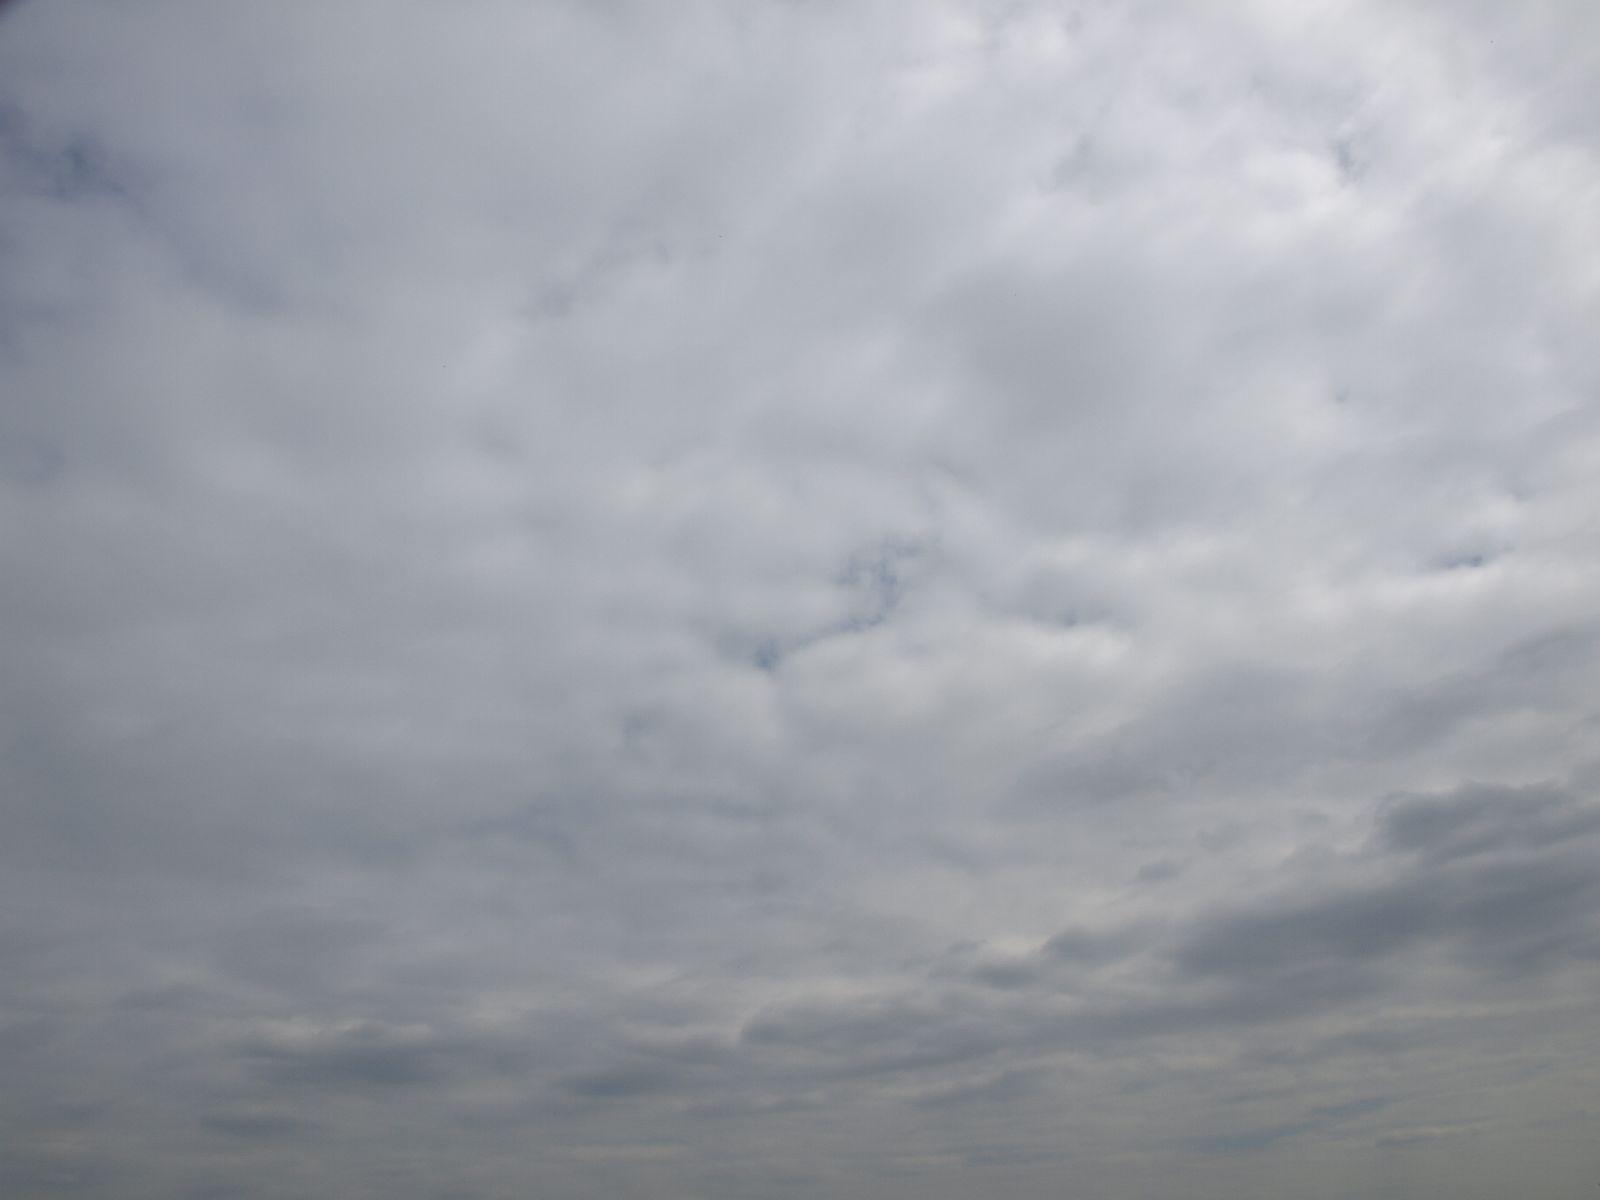 Himmel-Wolken-Foto_Textur_A_P4261819